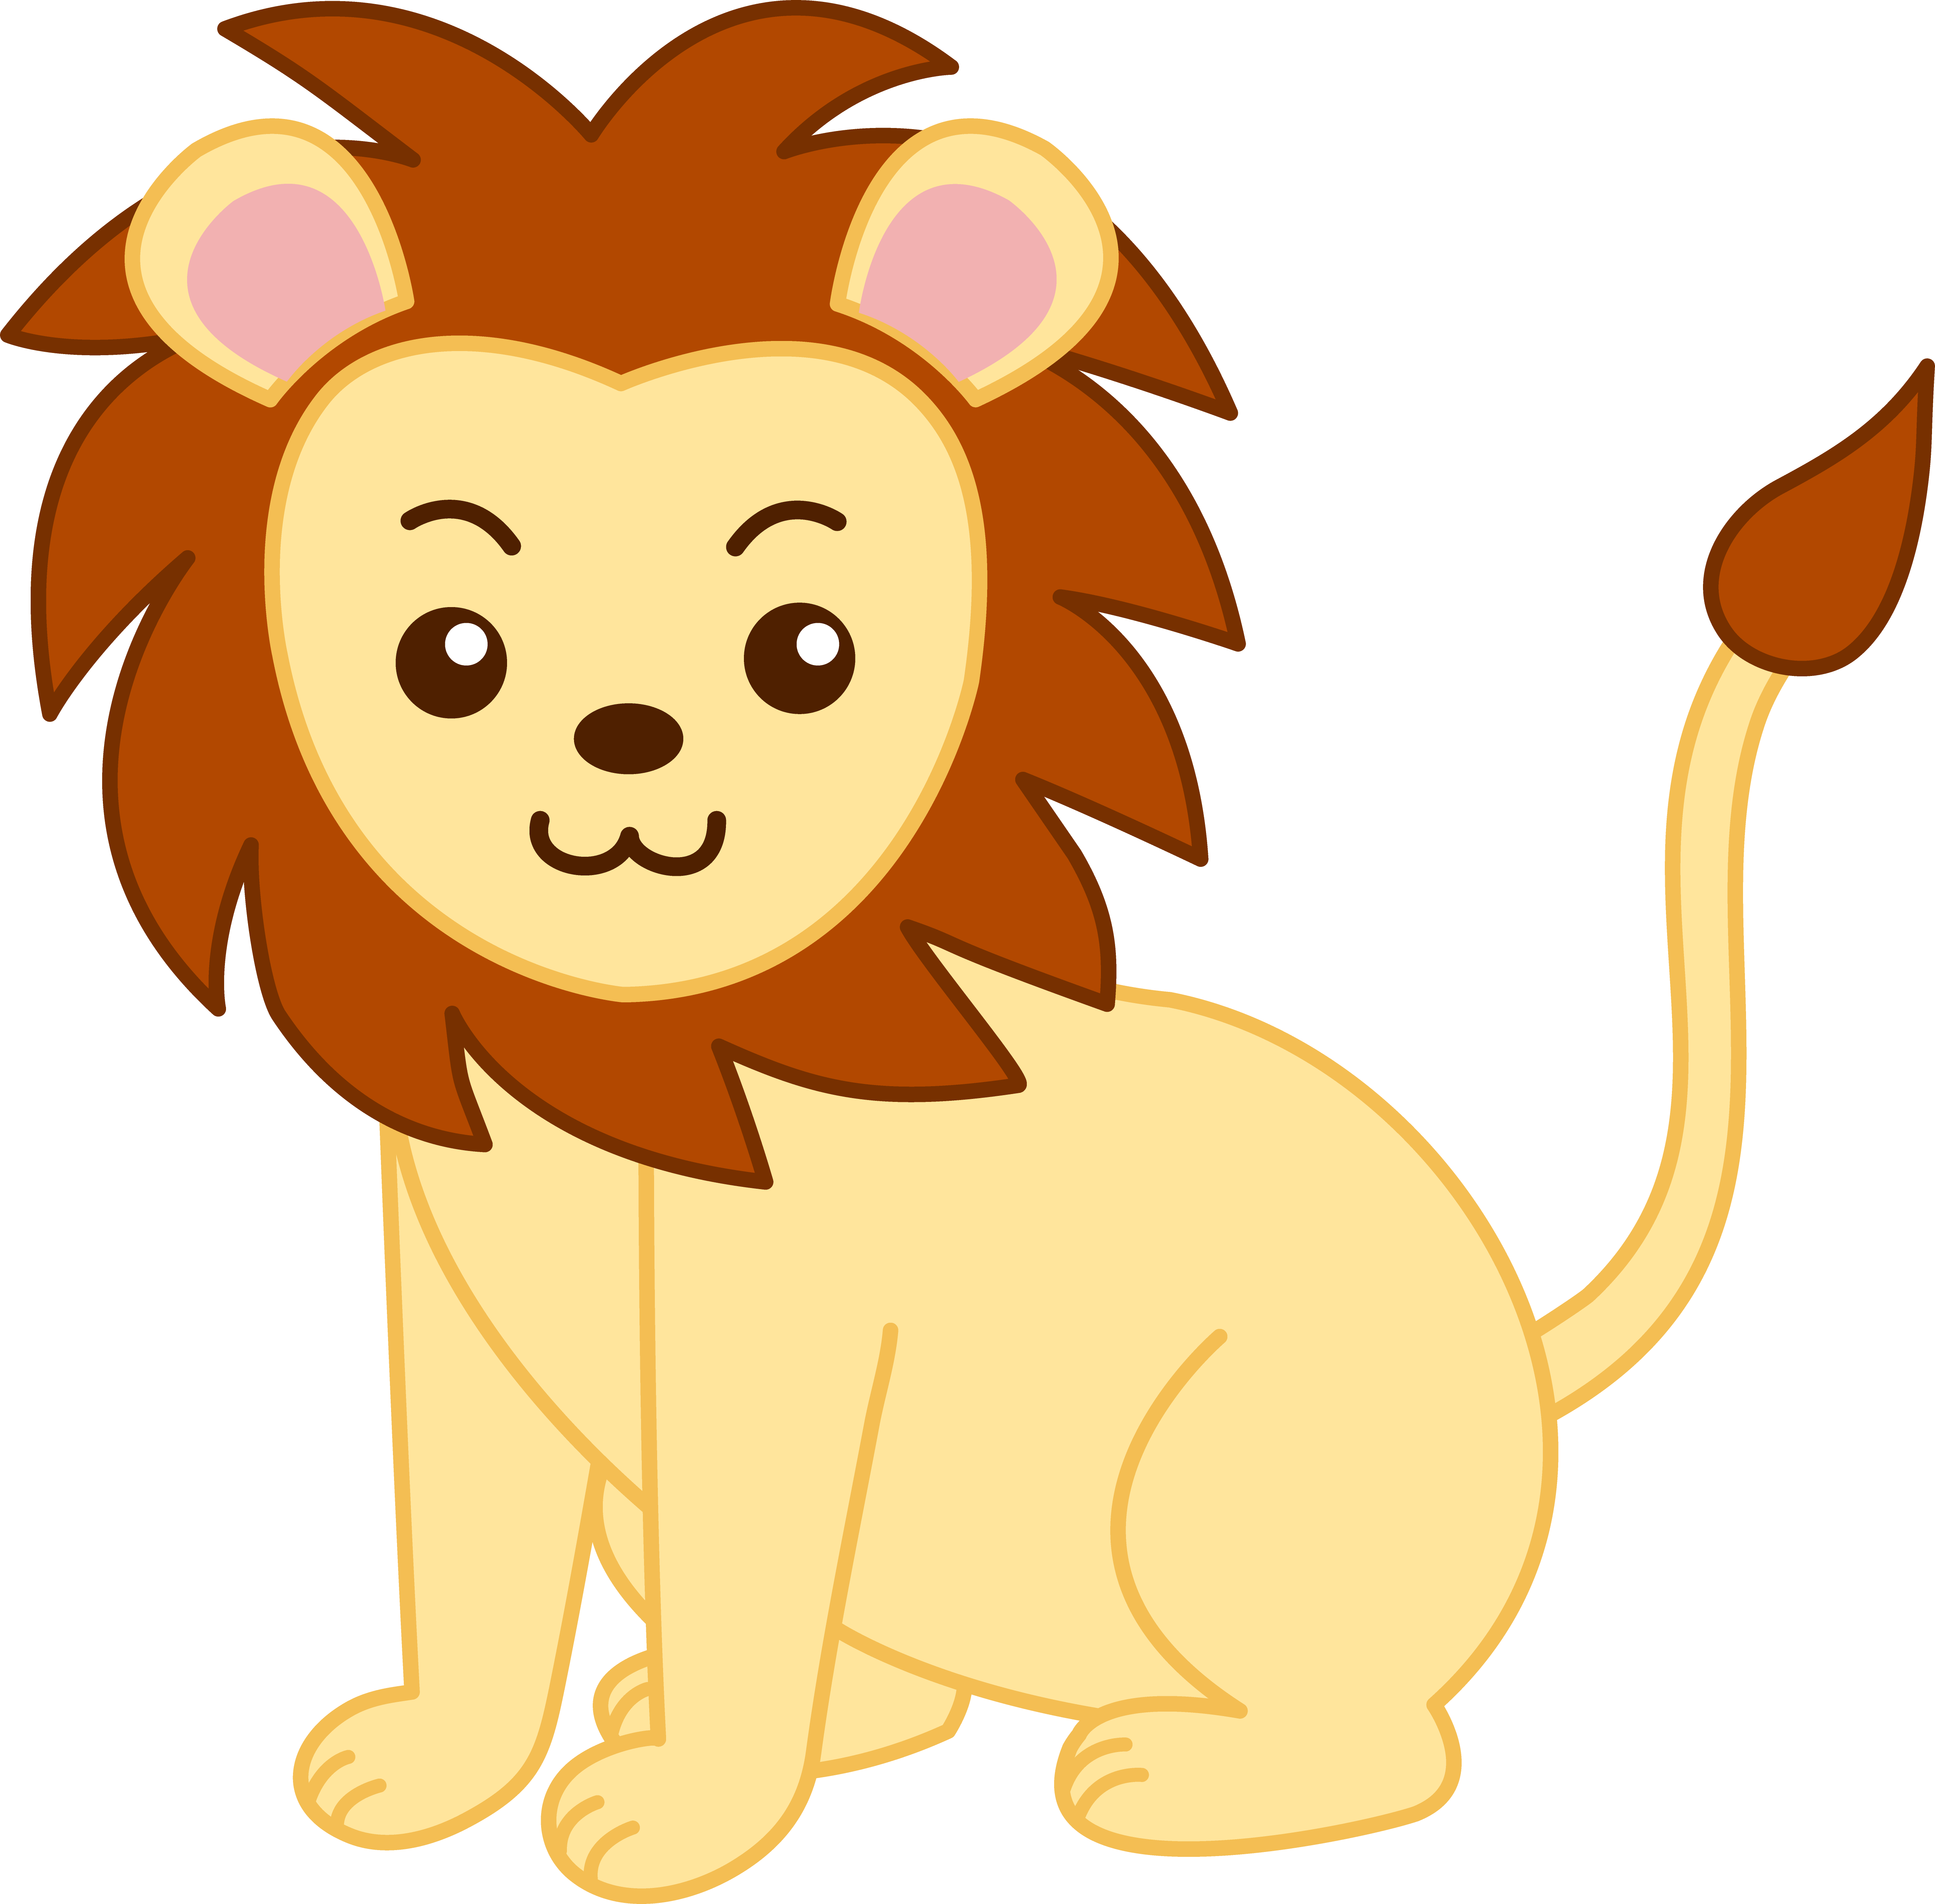 Curelion clipart clip art download Free Lion Cliparts, Download Free Clip Art, Free Clip Art on ... clip art download